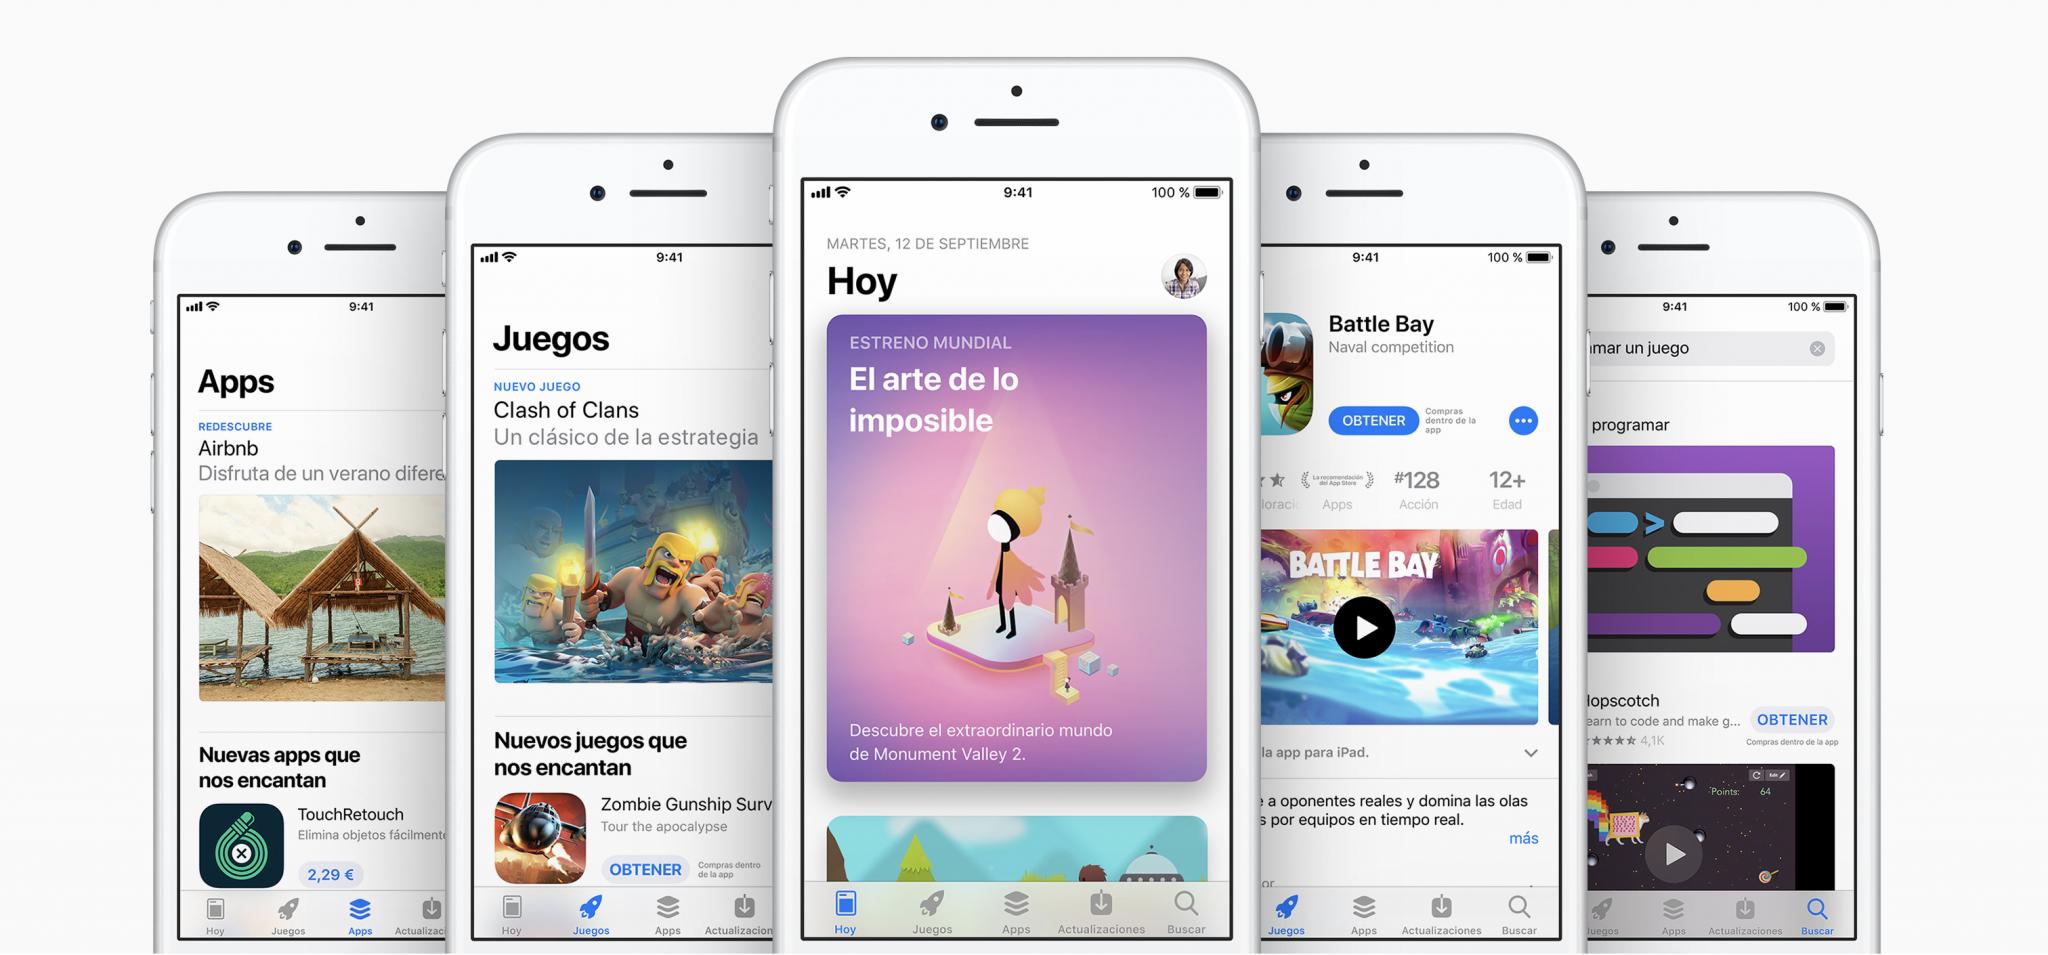 Dispositivos iOS versión 11.0.1